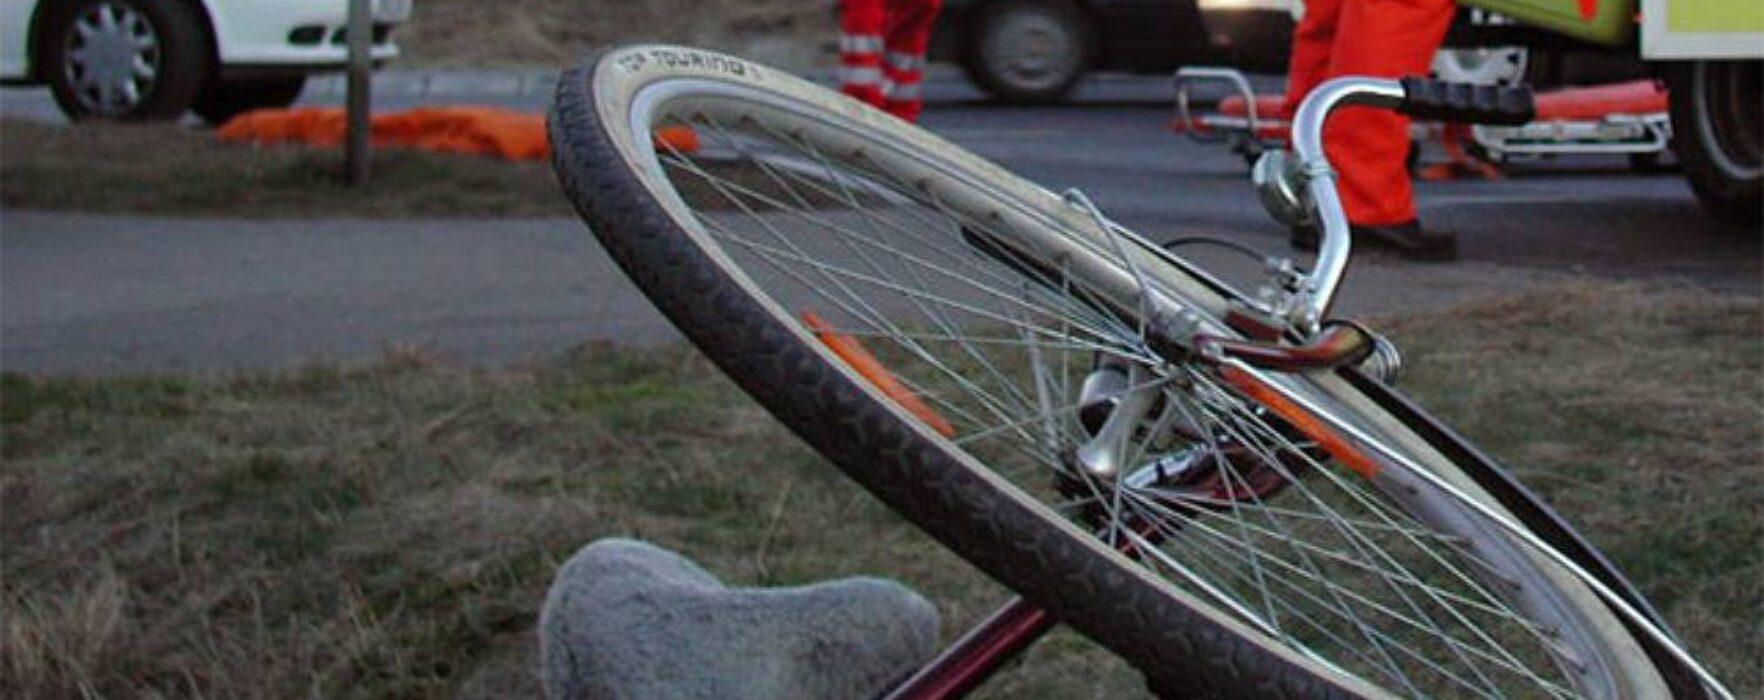 Dâmboviţa: Cele mai multe accidente au loc lunea după amiaza